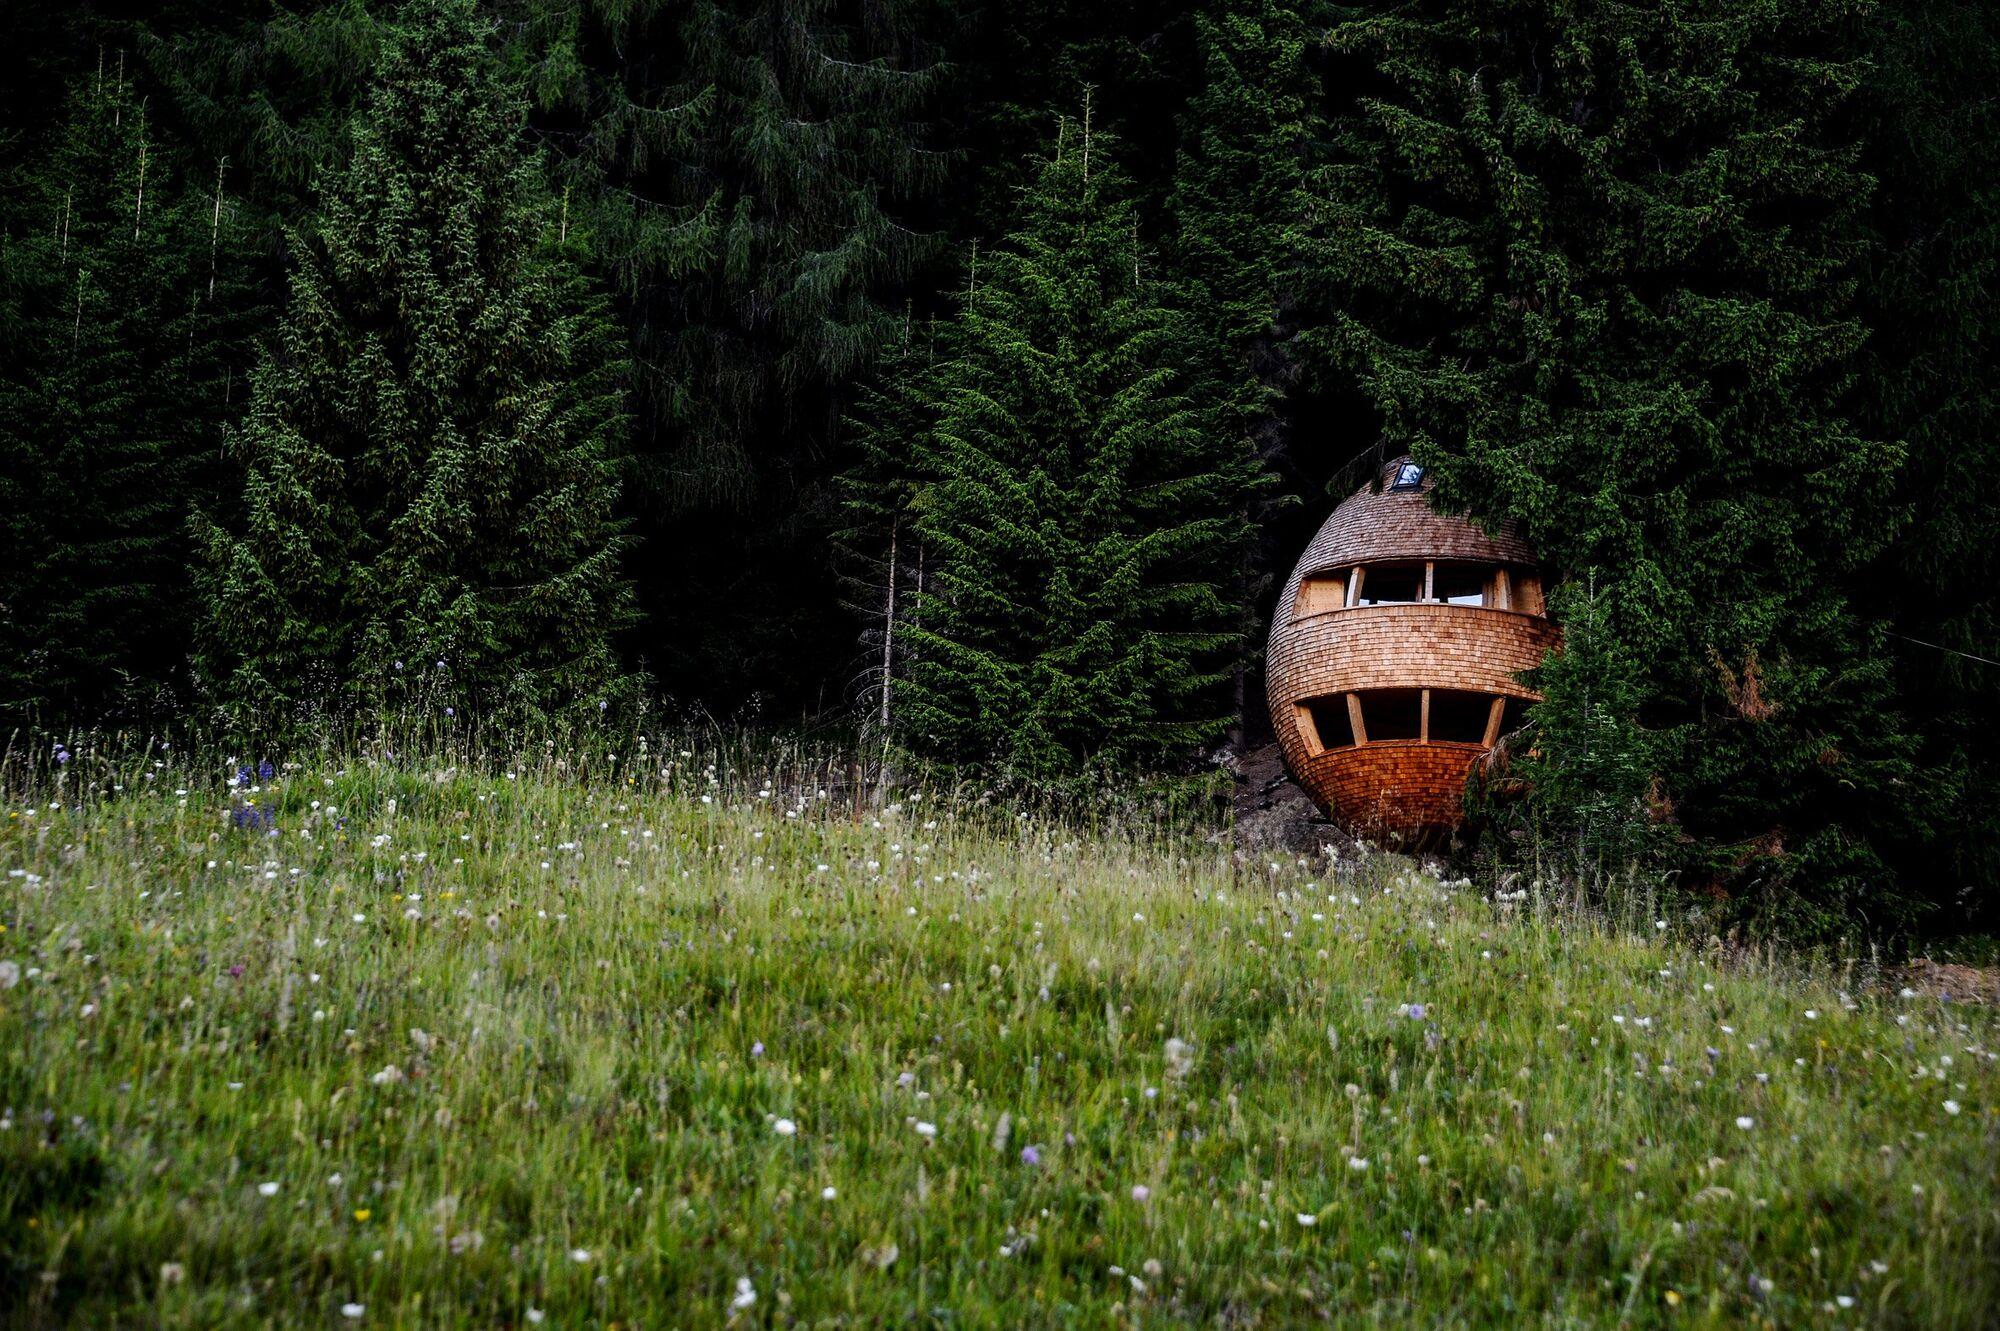 Ідея, наче спеціально для Карпат: колиби у вигляді яєць (ФОТО)